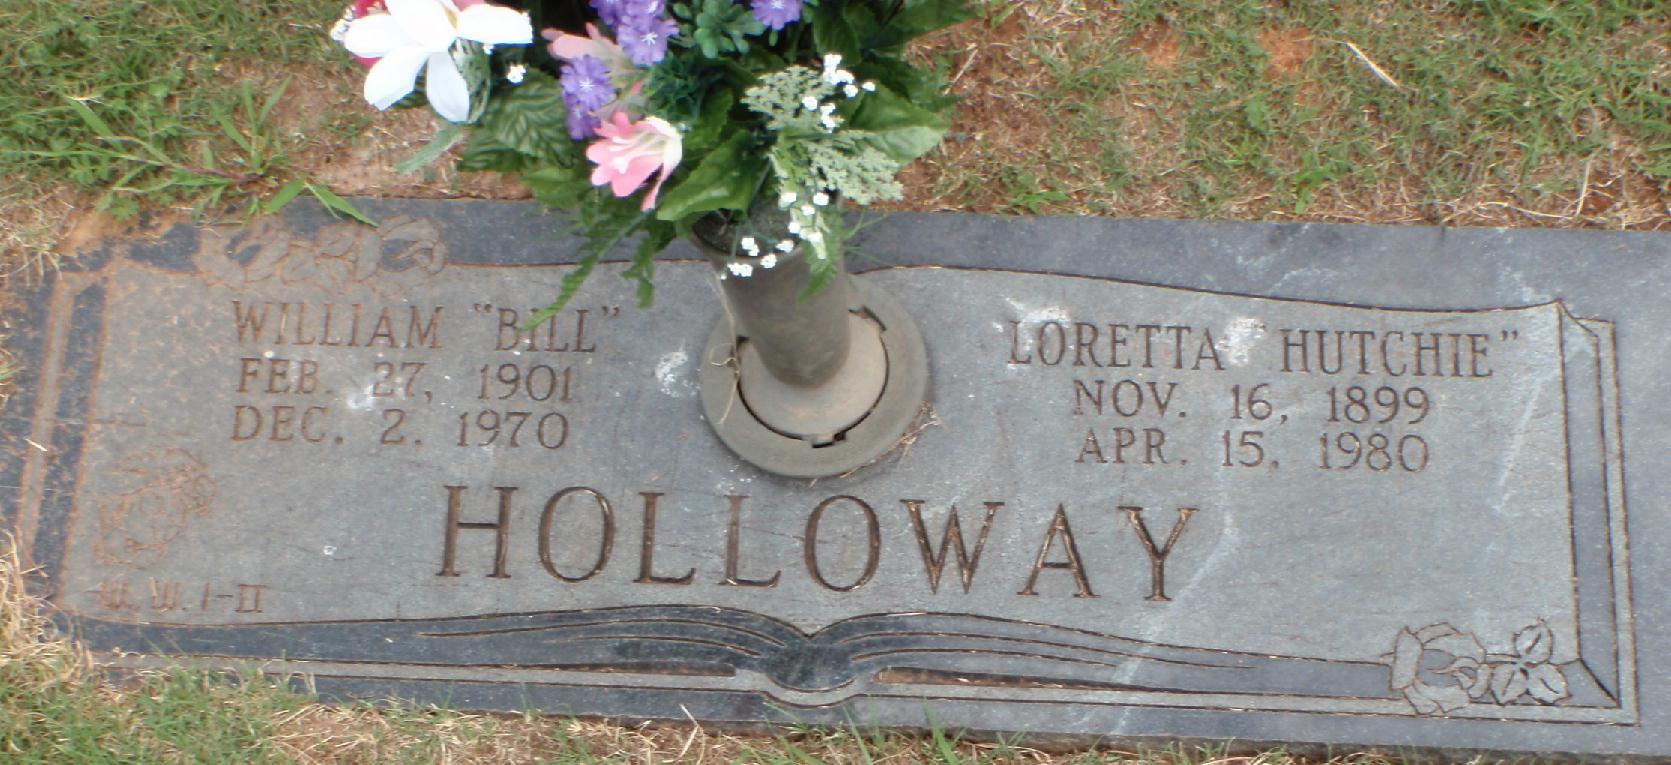 William Bill Holloway